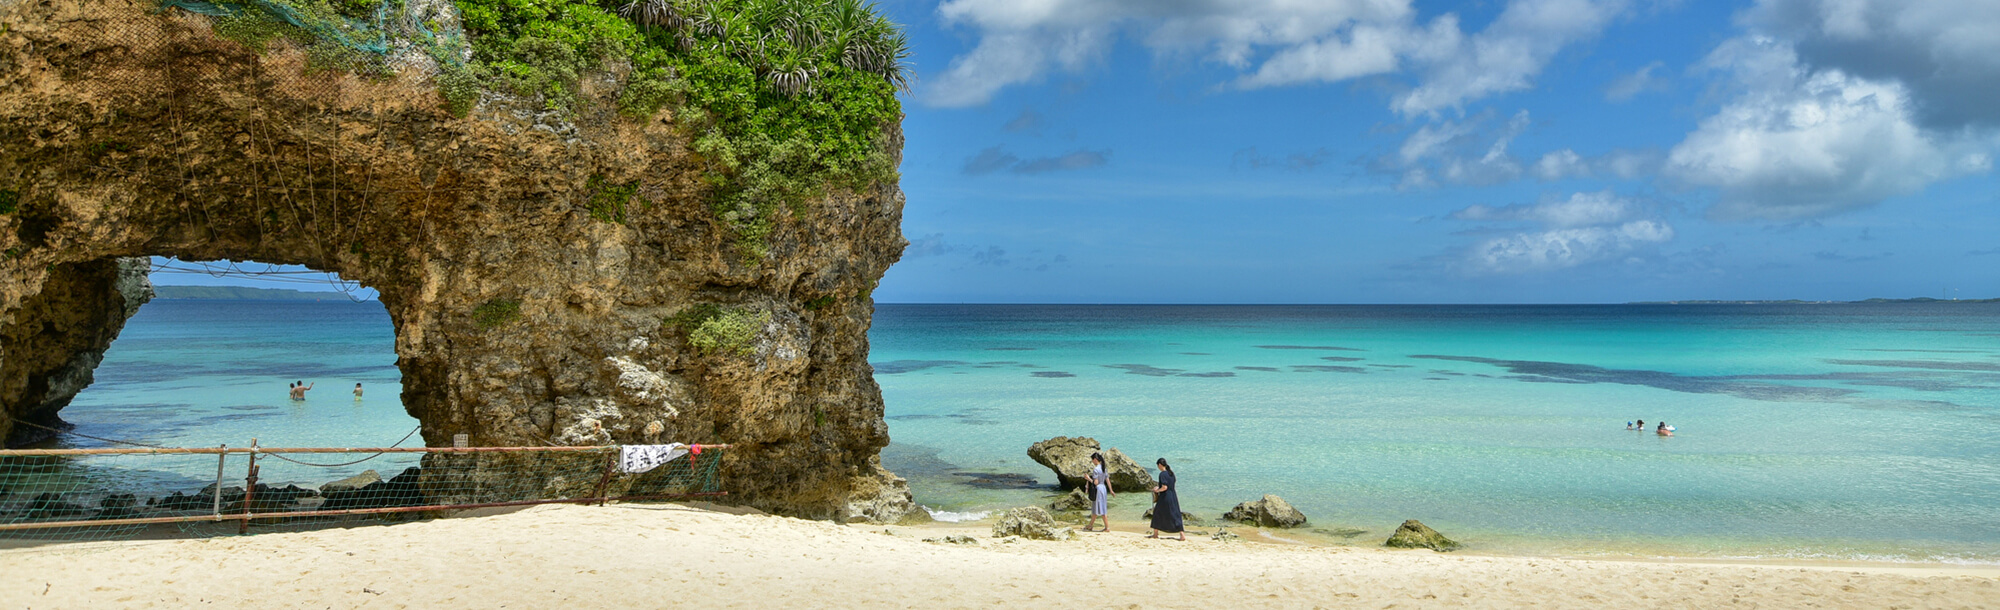 沖繩觀光地